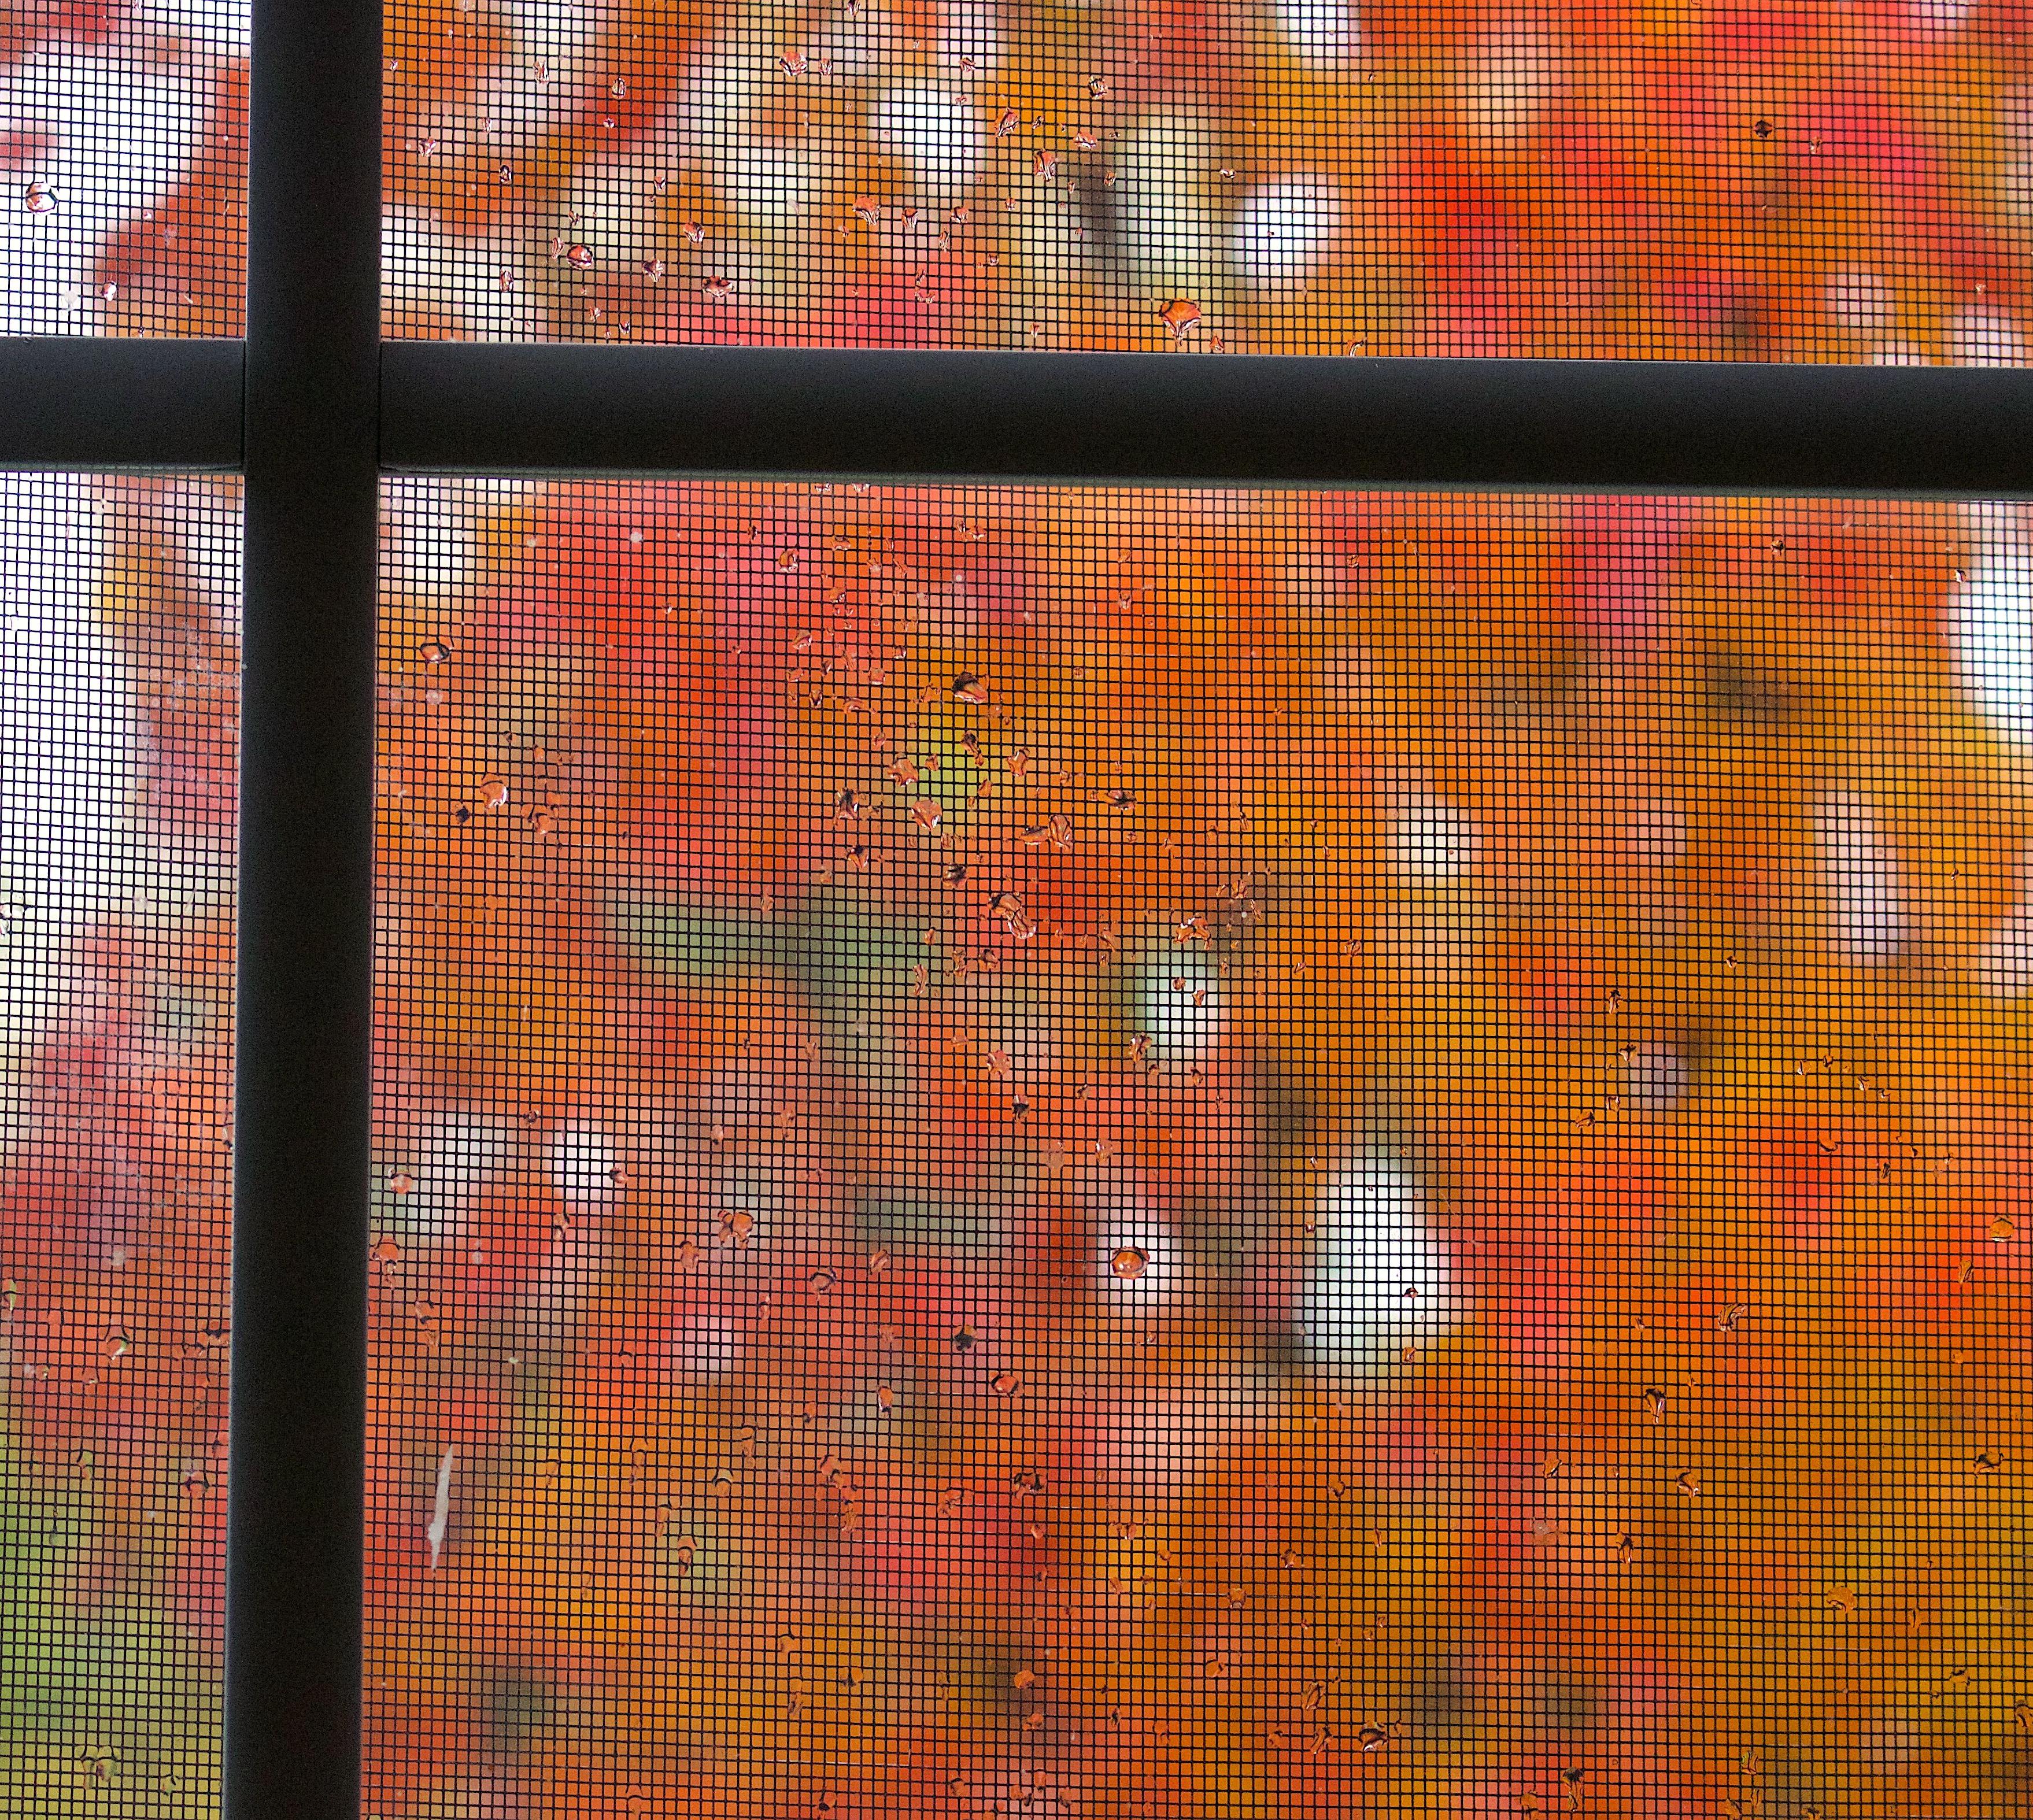 rainydaymaplescreen